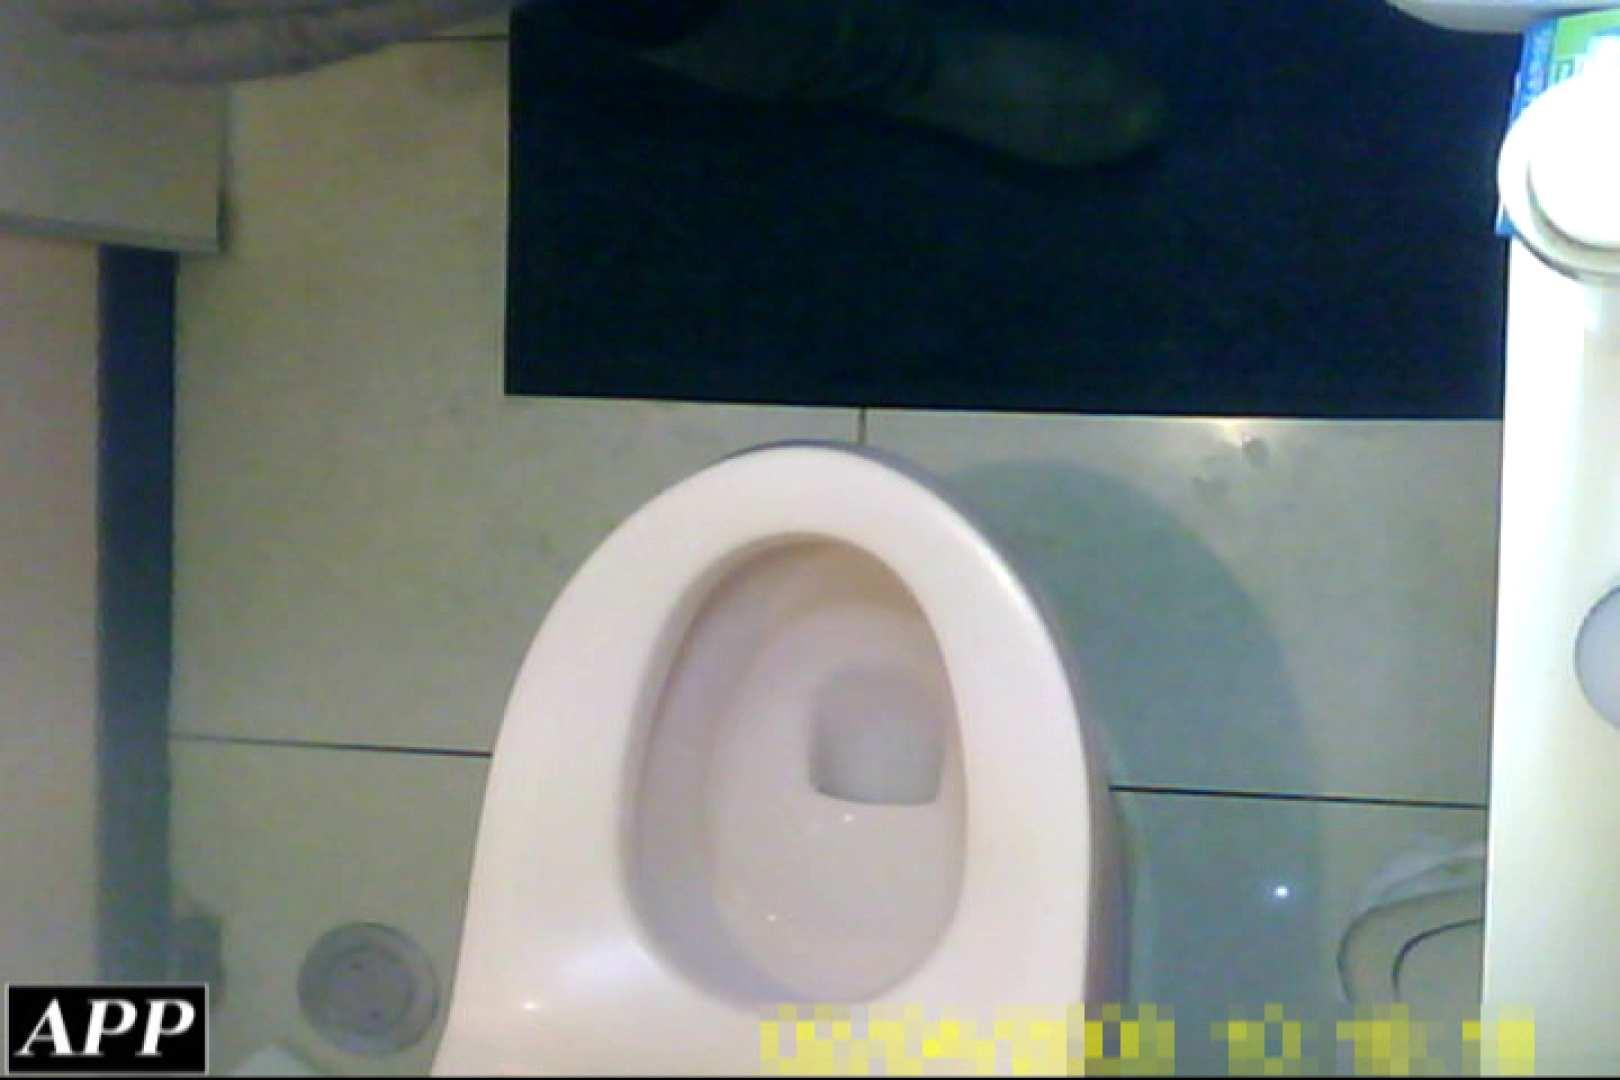 3視点洗面所 vol.58 マンコエロすぎ ワレメ動画紹介 108PIX 43